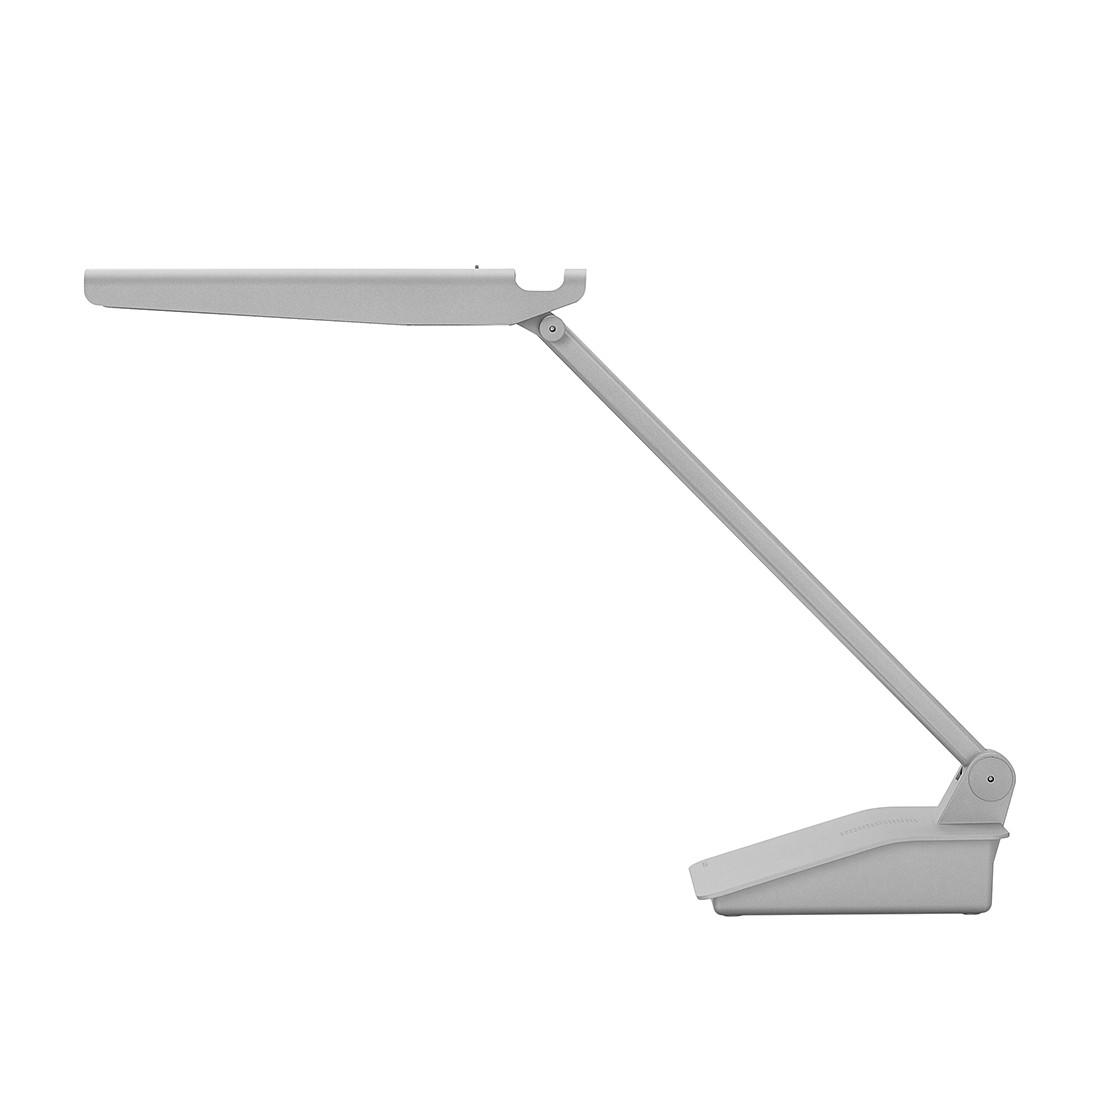 Tischleuchte IN 11 ● Metall ● Weiß ● 1-flammig- Blanke Design A